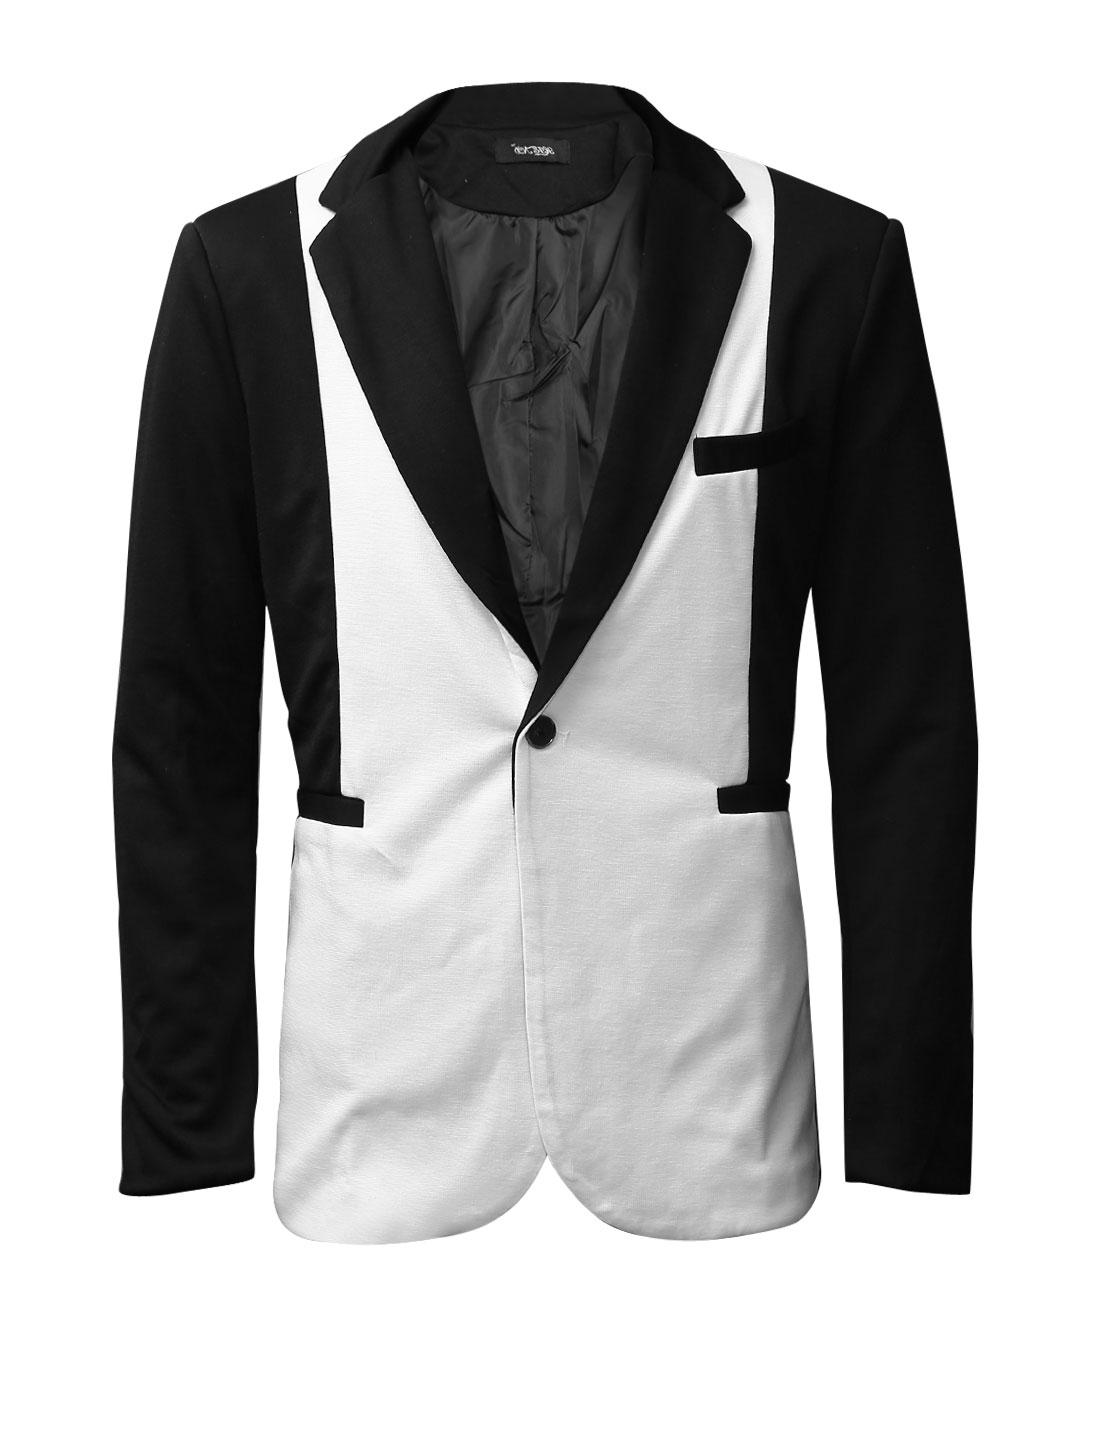 Men Notched Lapel Color Block One Button Casual Blazer Jacket Black M